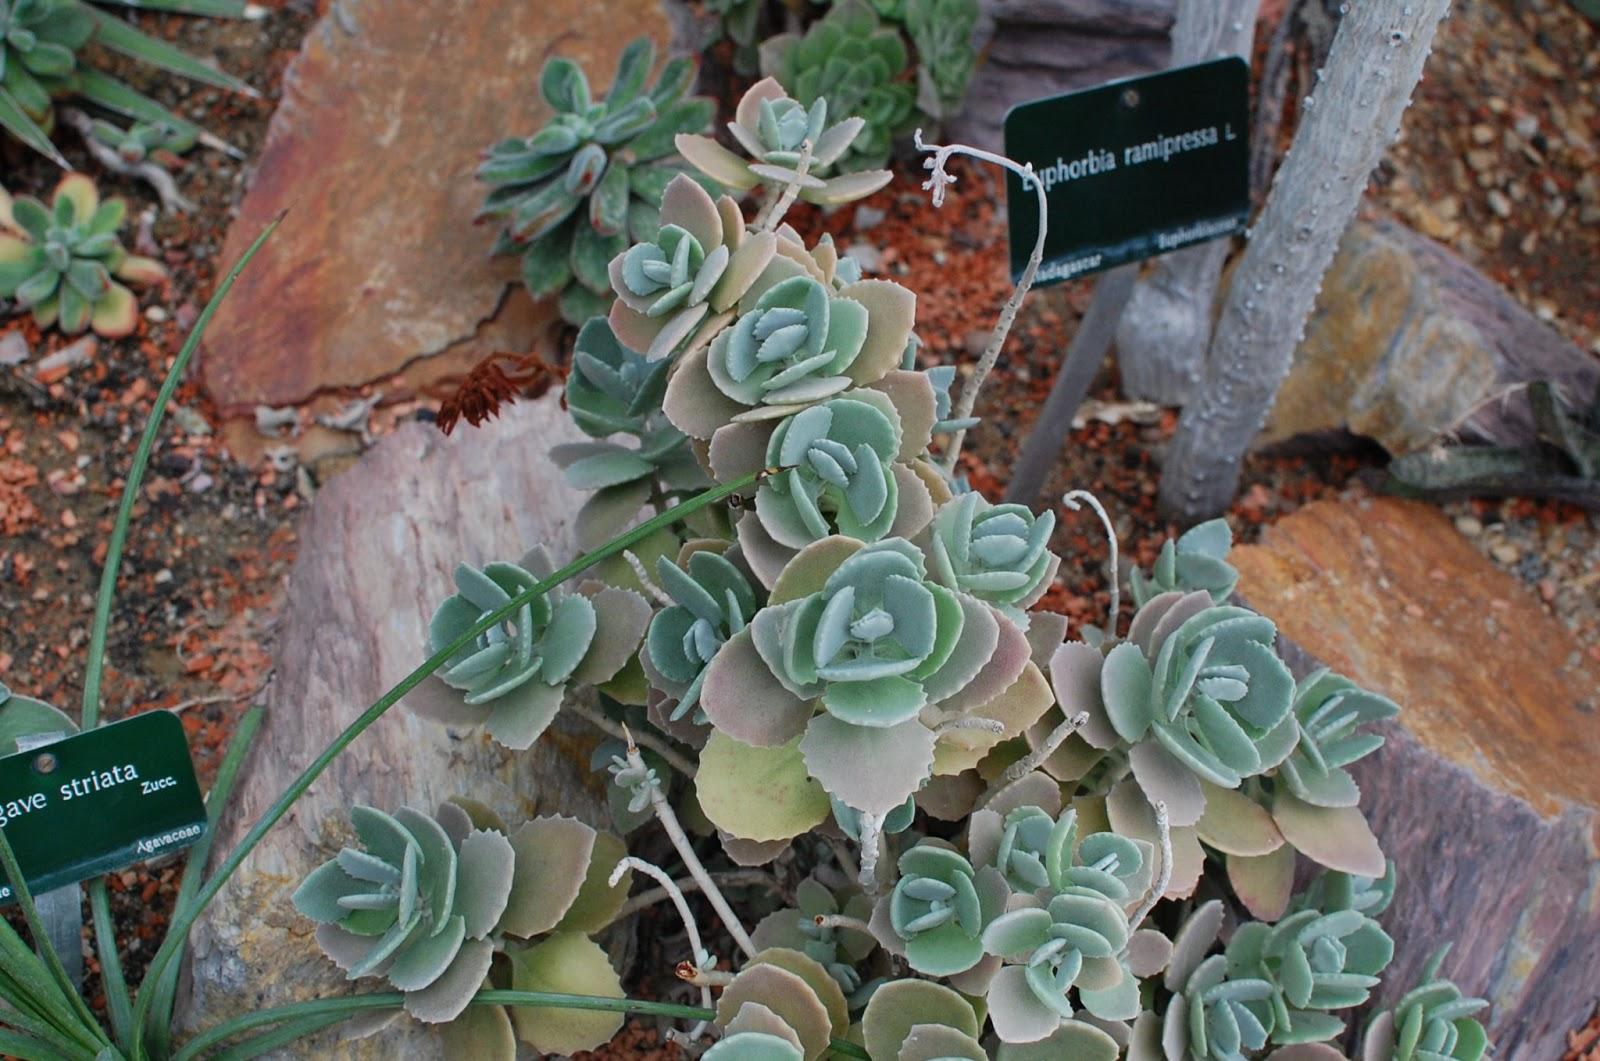 Folk and fern paris les grandes serres du jardin des plantes - Serres jardin des plantes ...